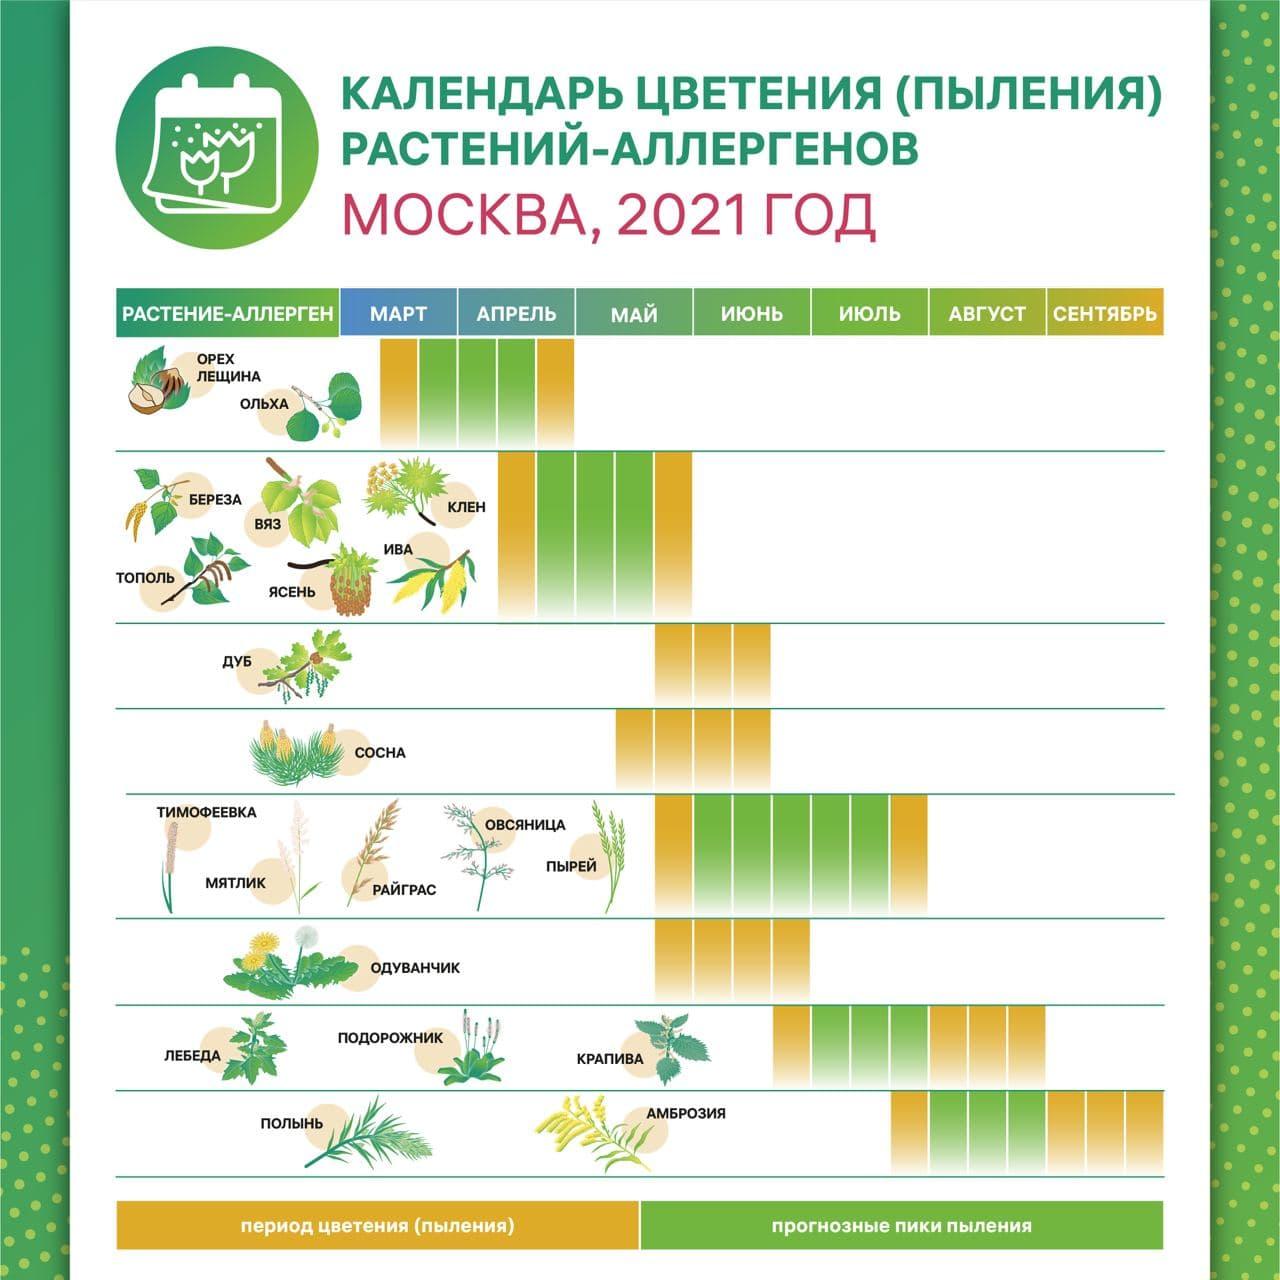 Календарь цветения растений-аллергенов